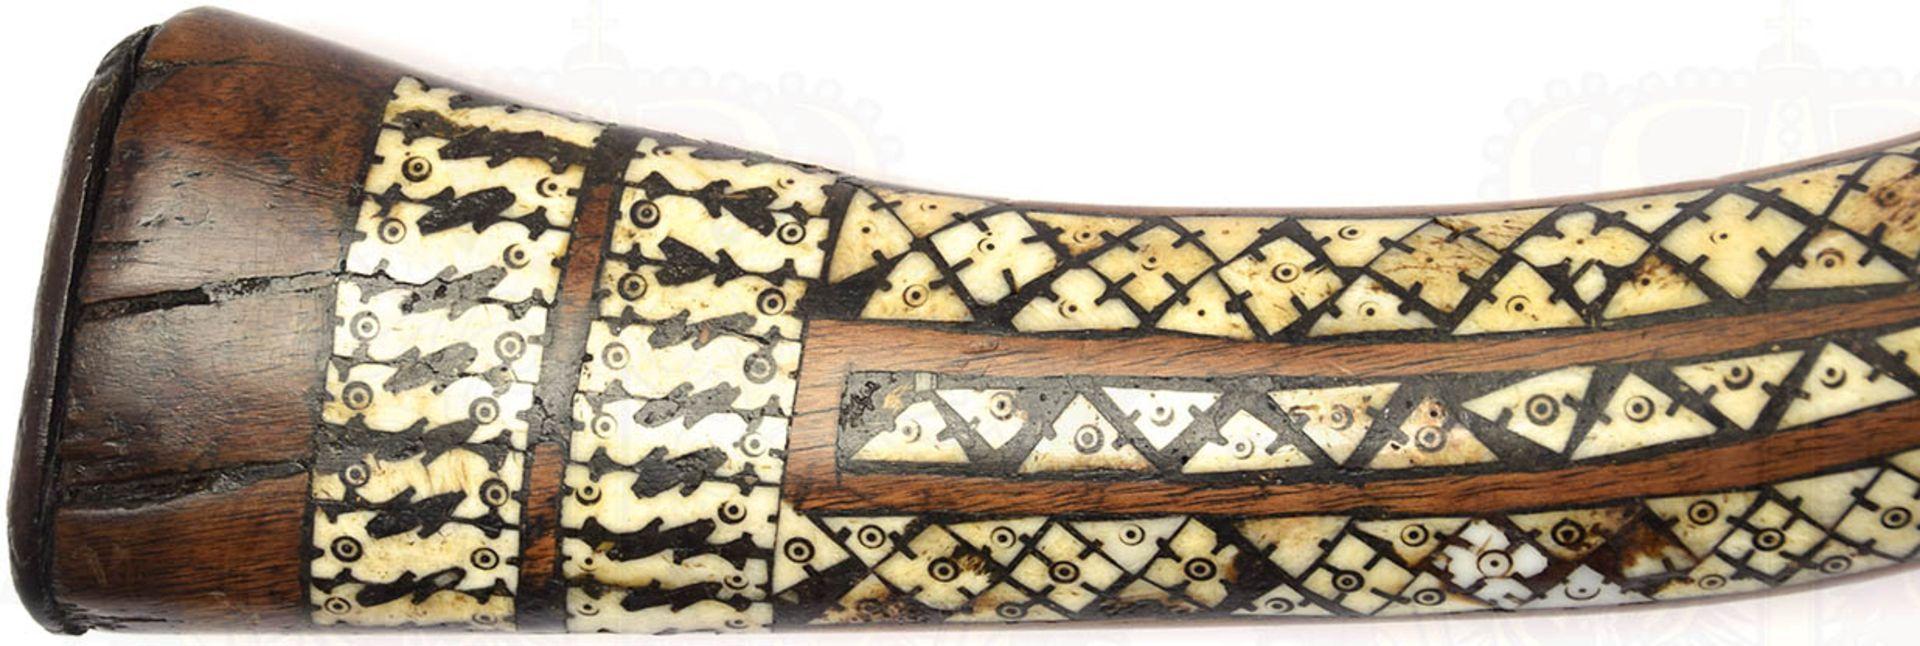 PERKUSSIONSGEWEHR, Afghanistan 19. Jh., Achtkantlauf, ca. Kal. 16 mm, durchgehend kleine Narben u. - Bild 3 aus 6